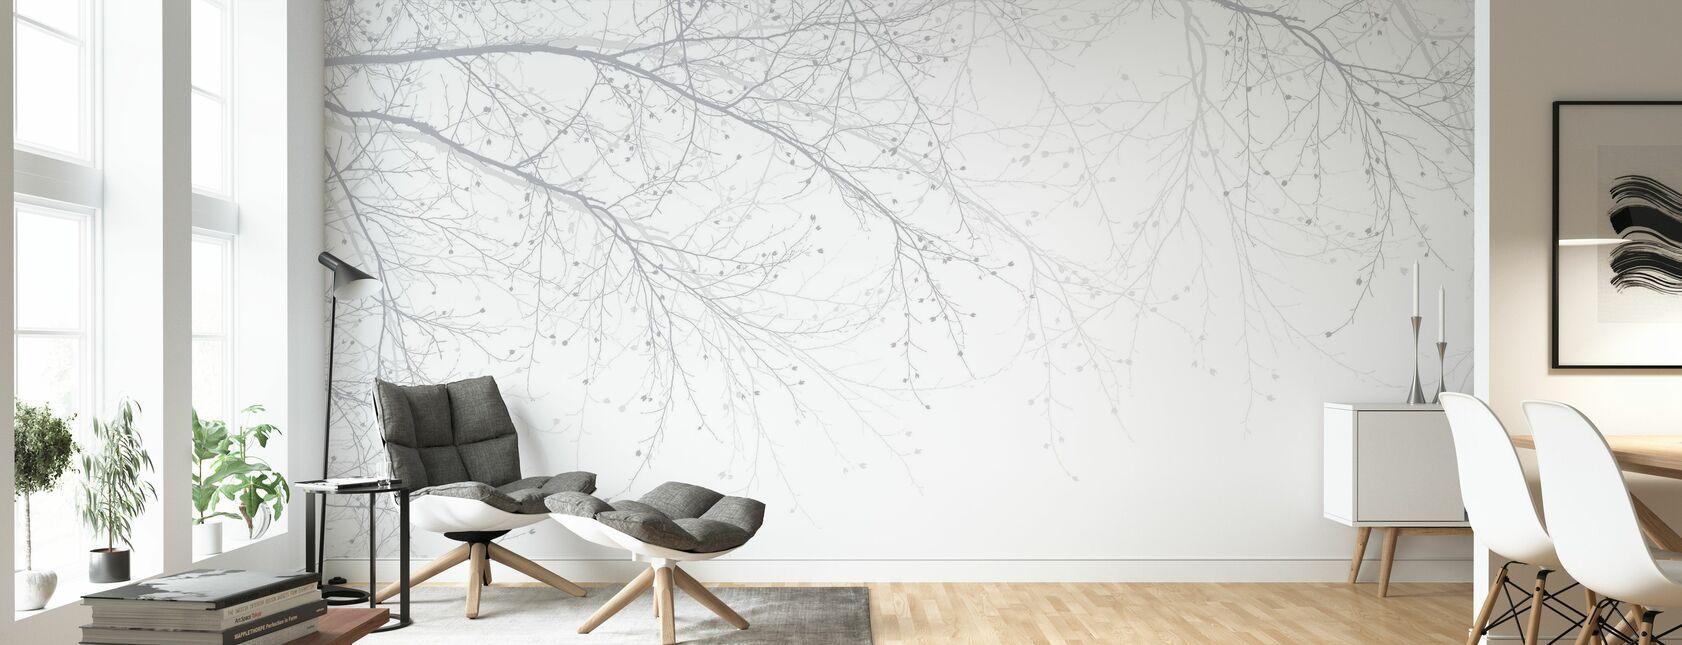 Haya Negra - Gris - Papel pintado - Salón